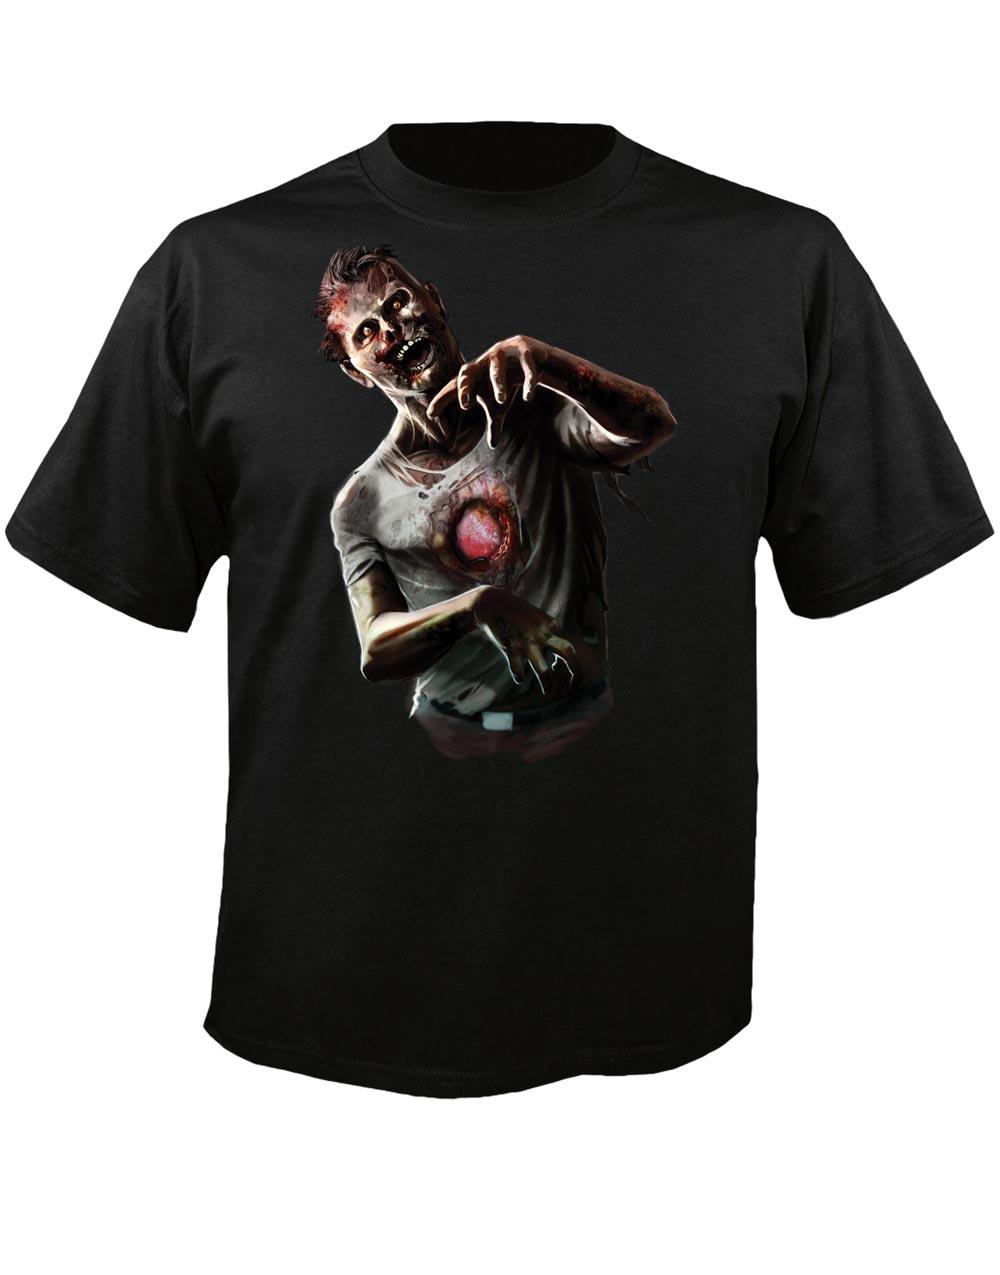 jeg skal banke du t skjorte